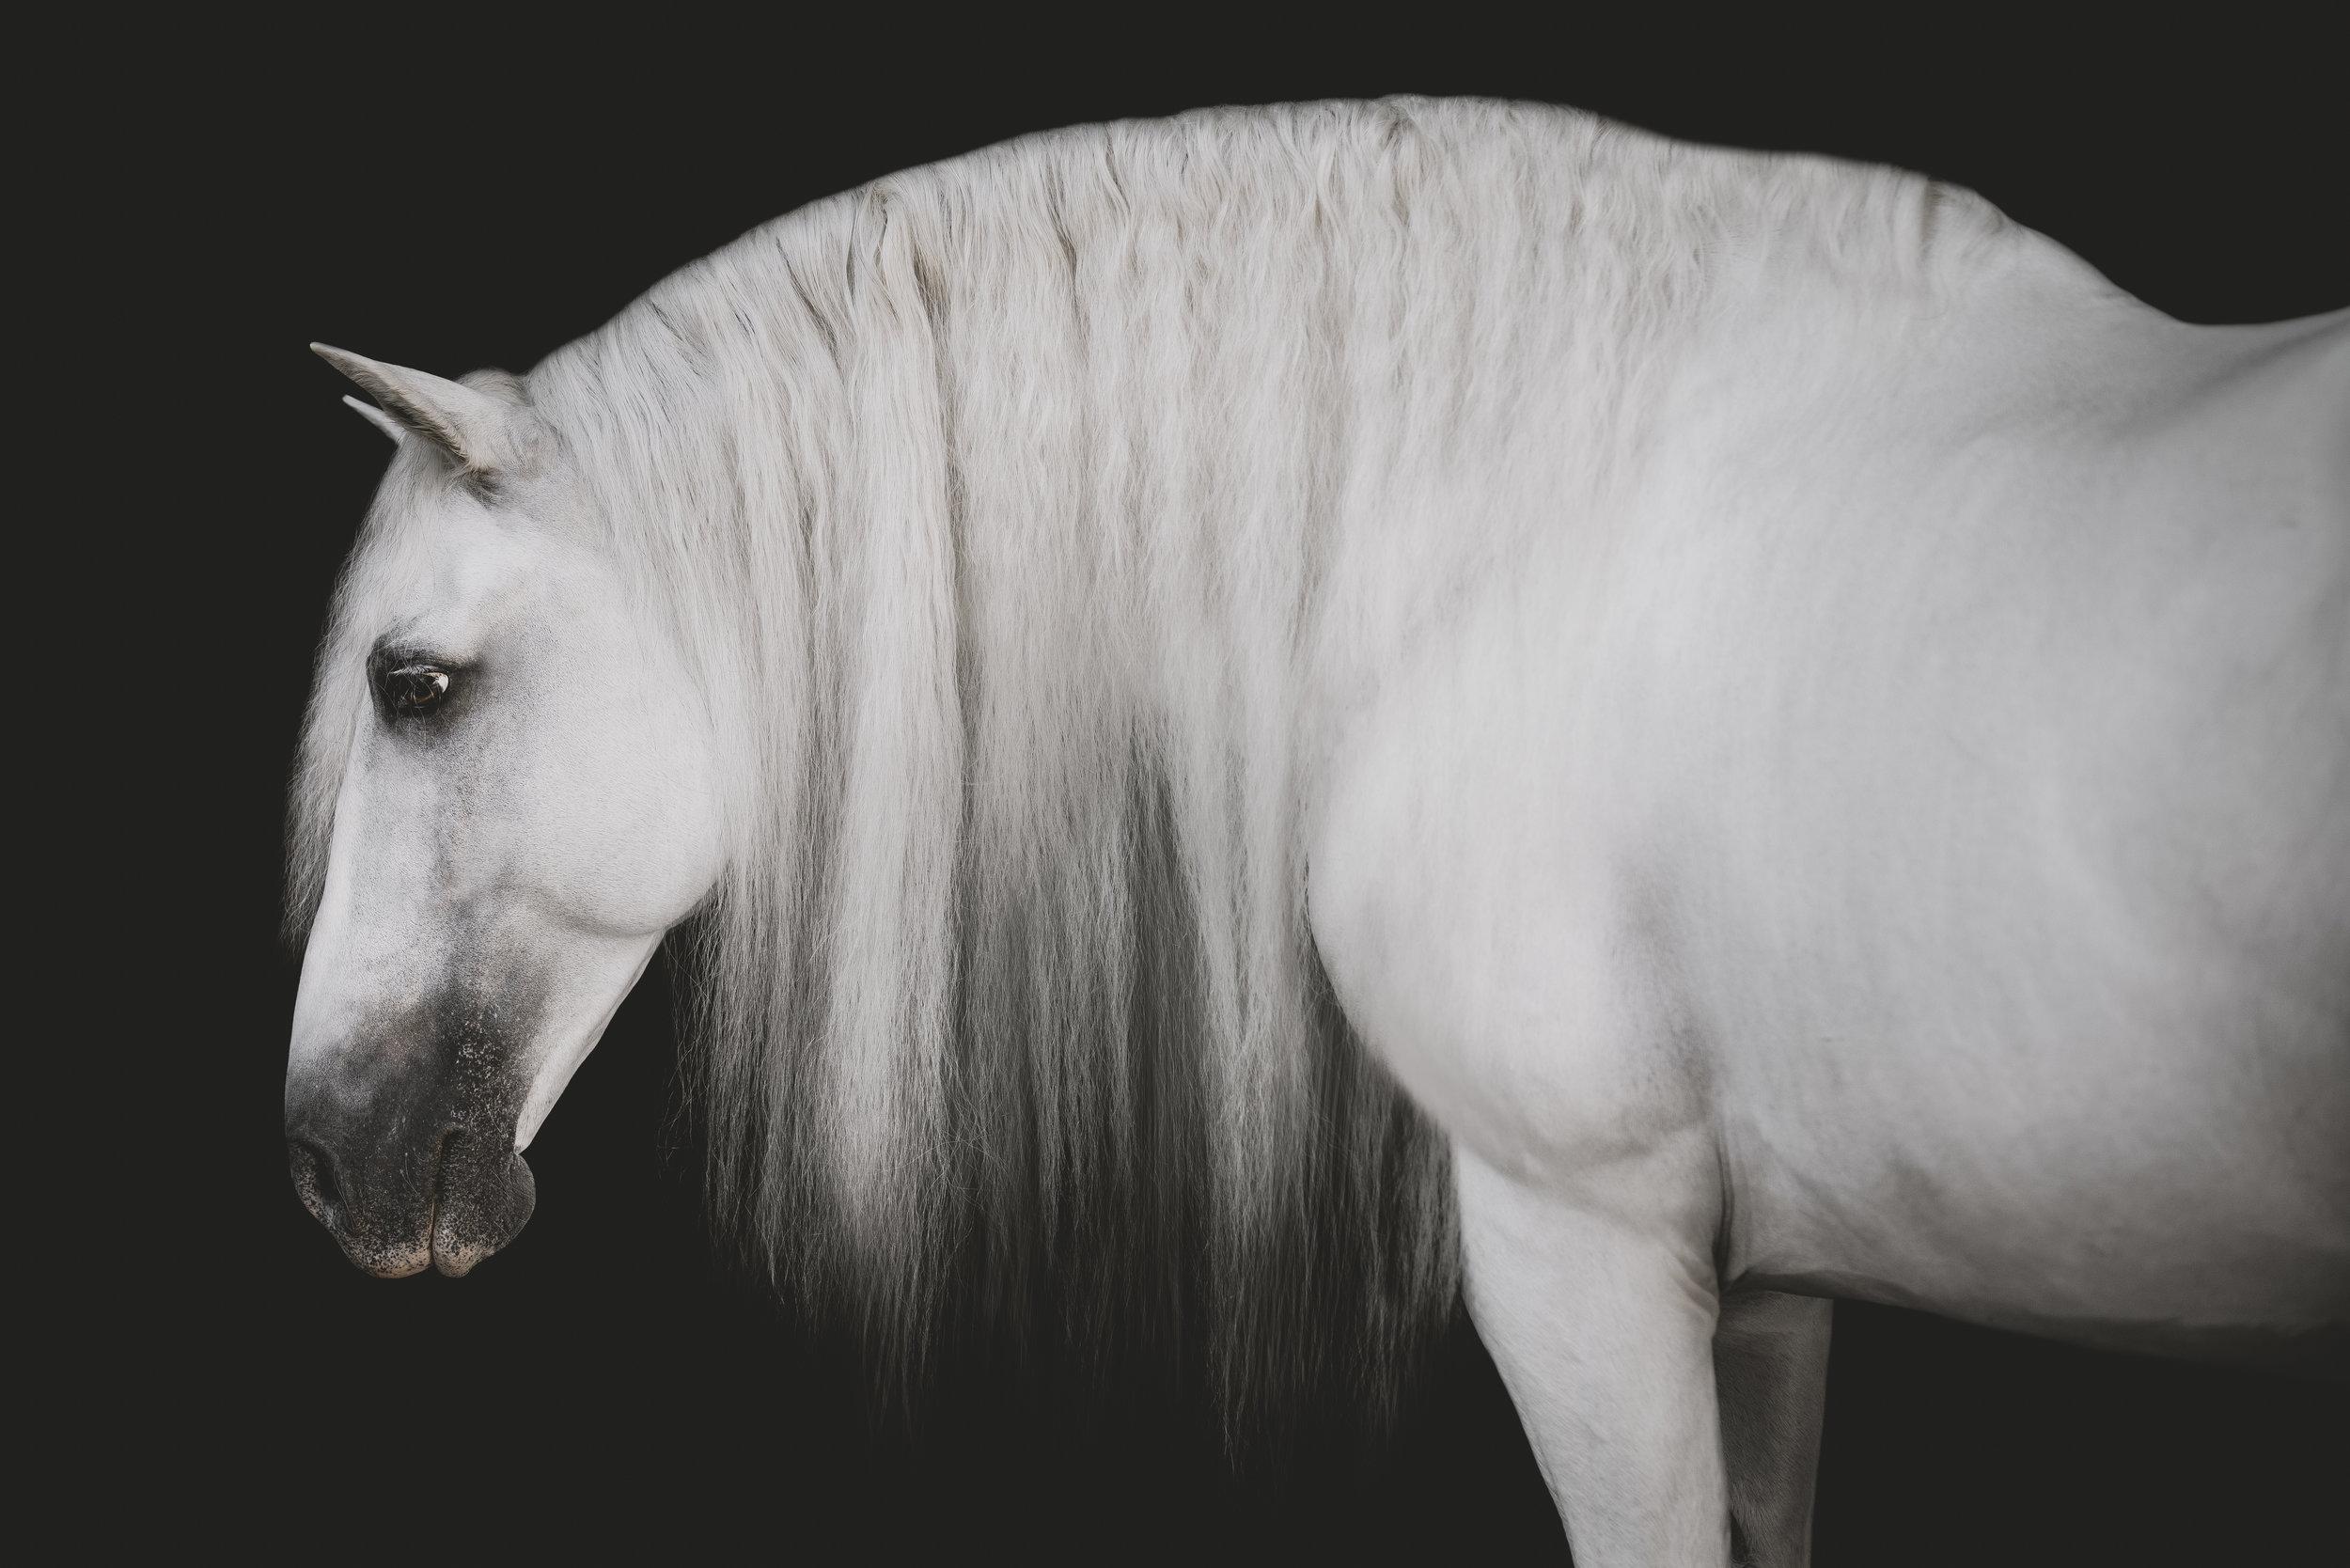 medevialtimes_horseportraits_edited-2.jpg